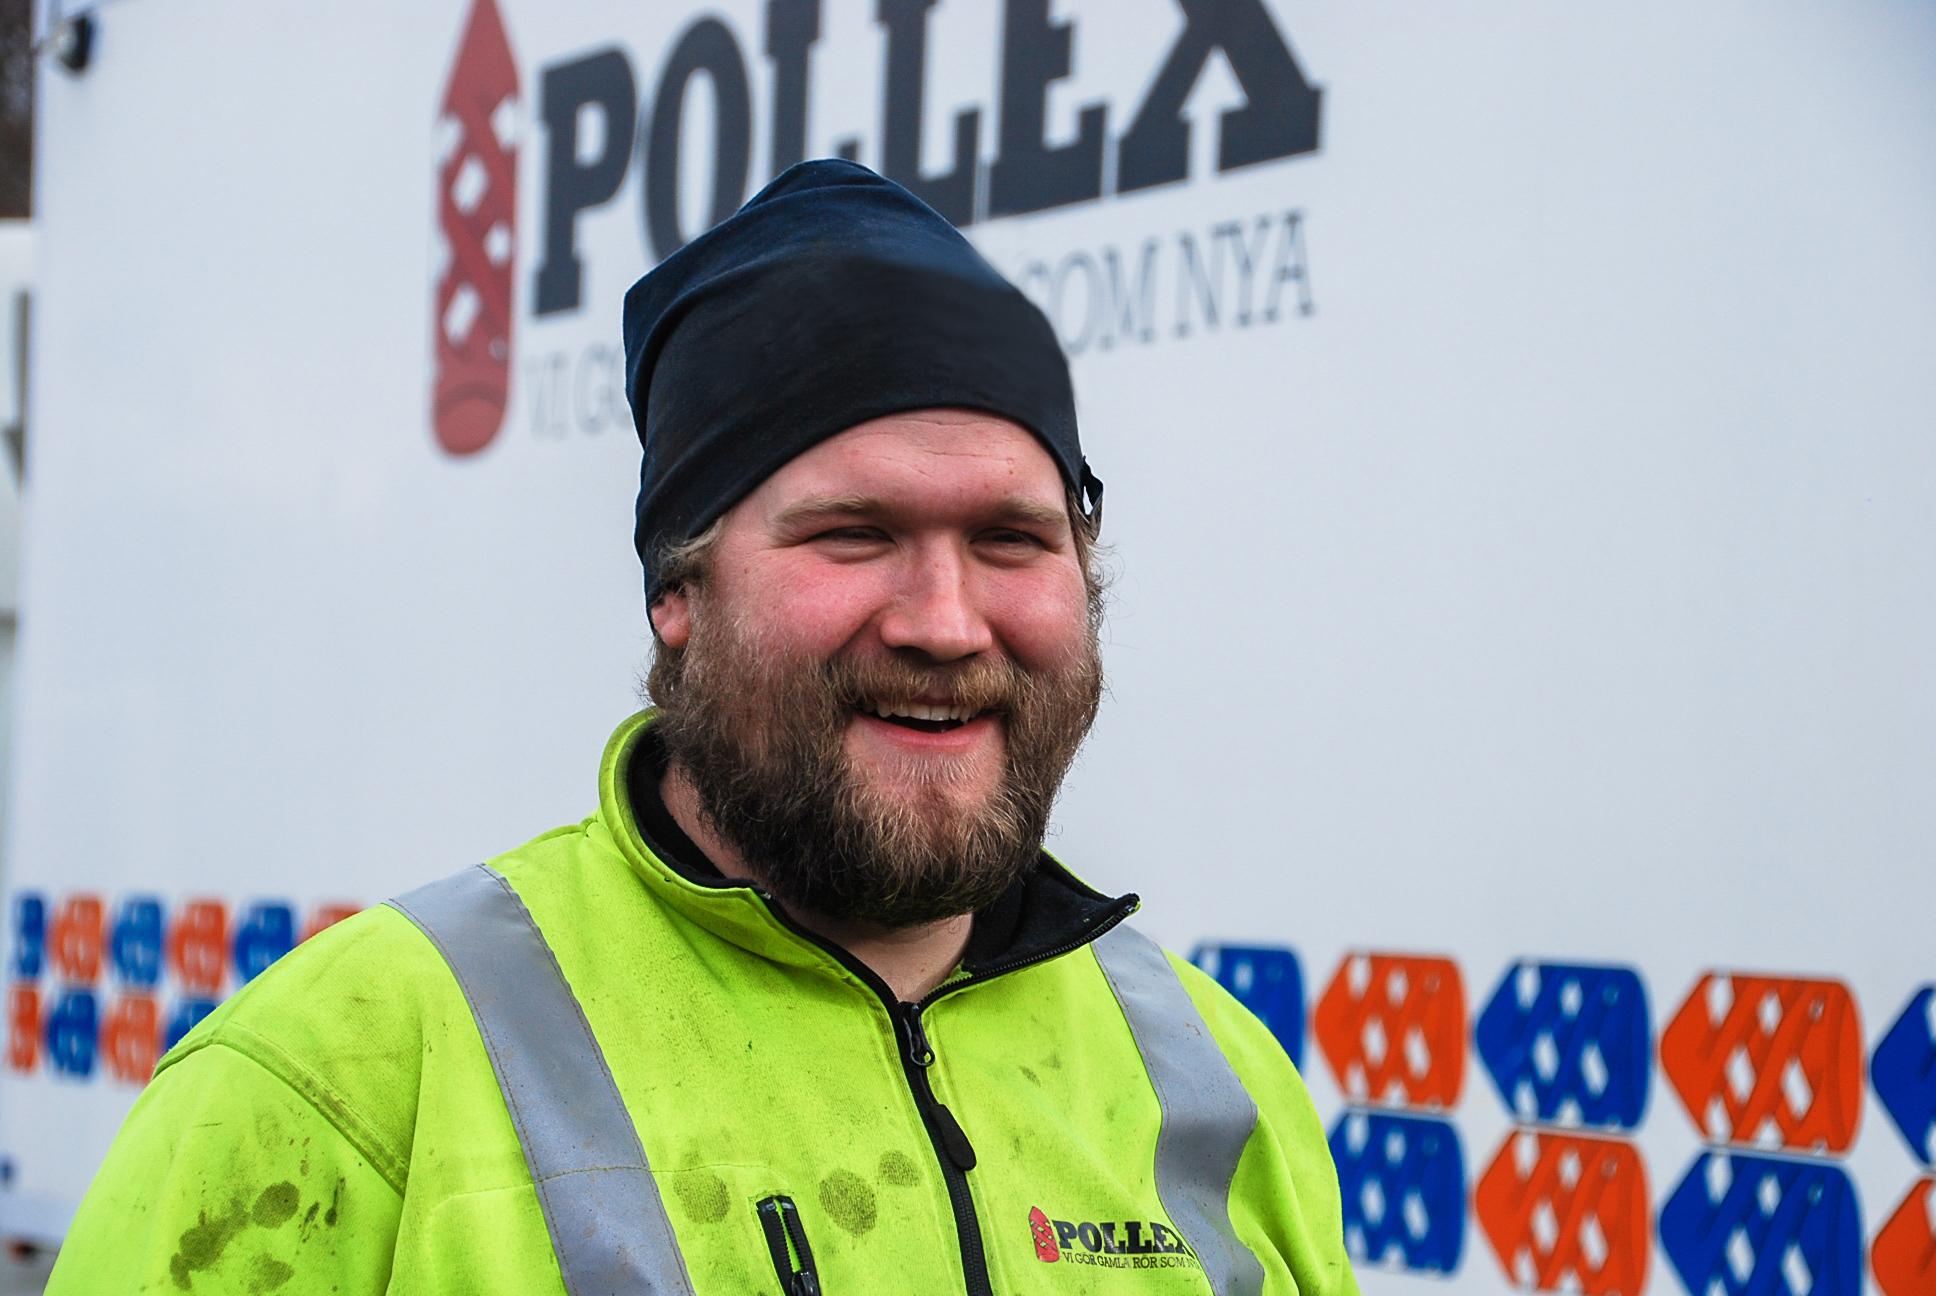 Pollex-JHO-Ledningen-final-ingentext.jpg